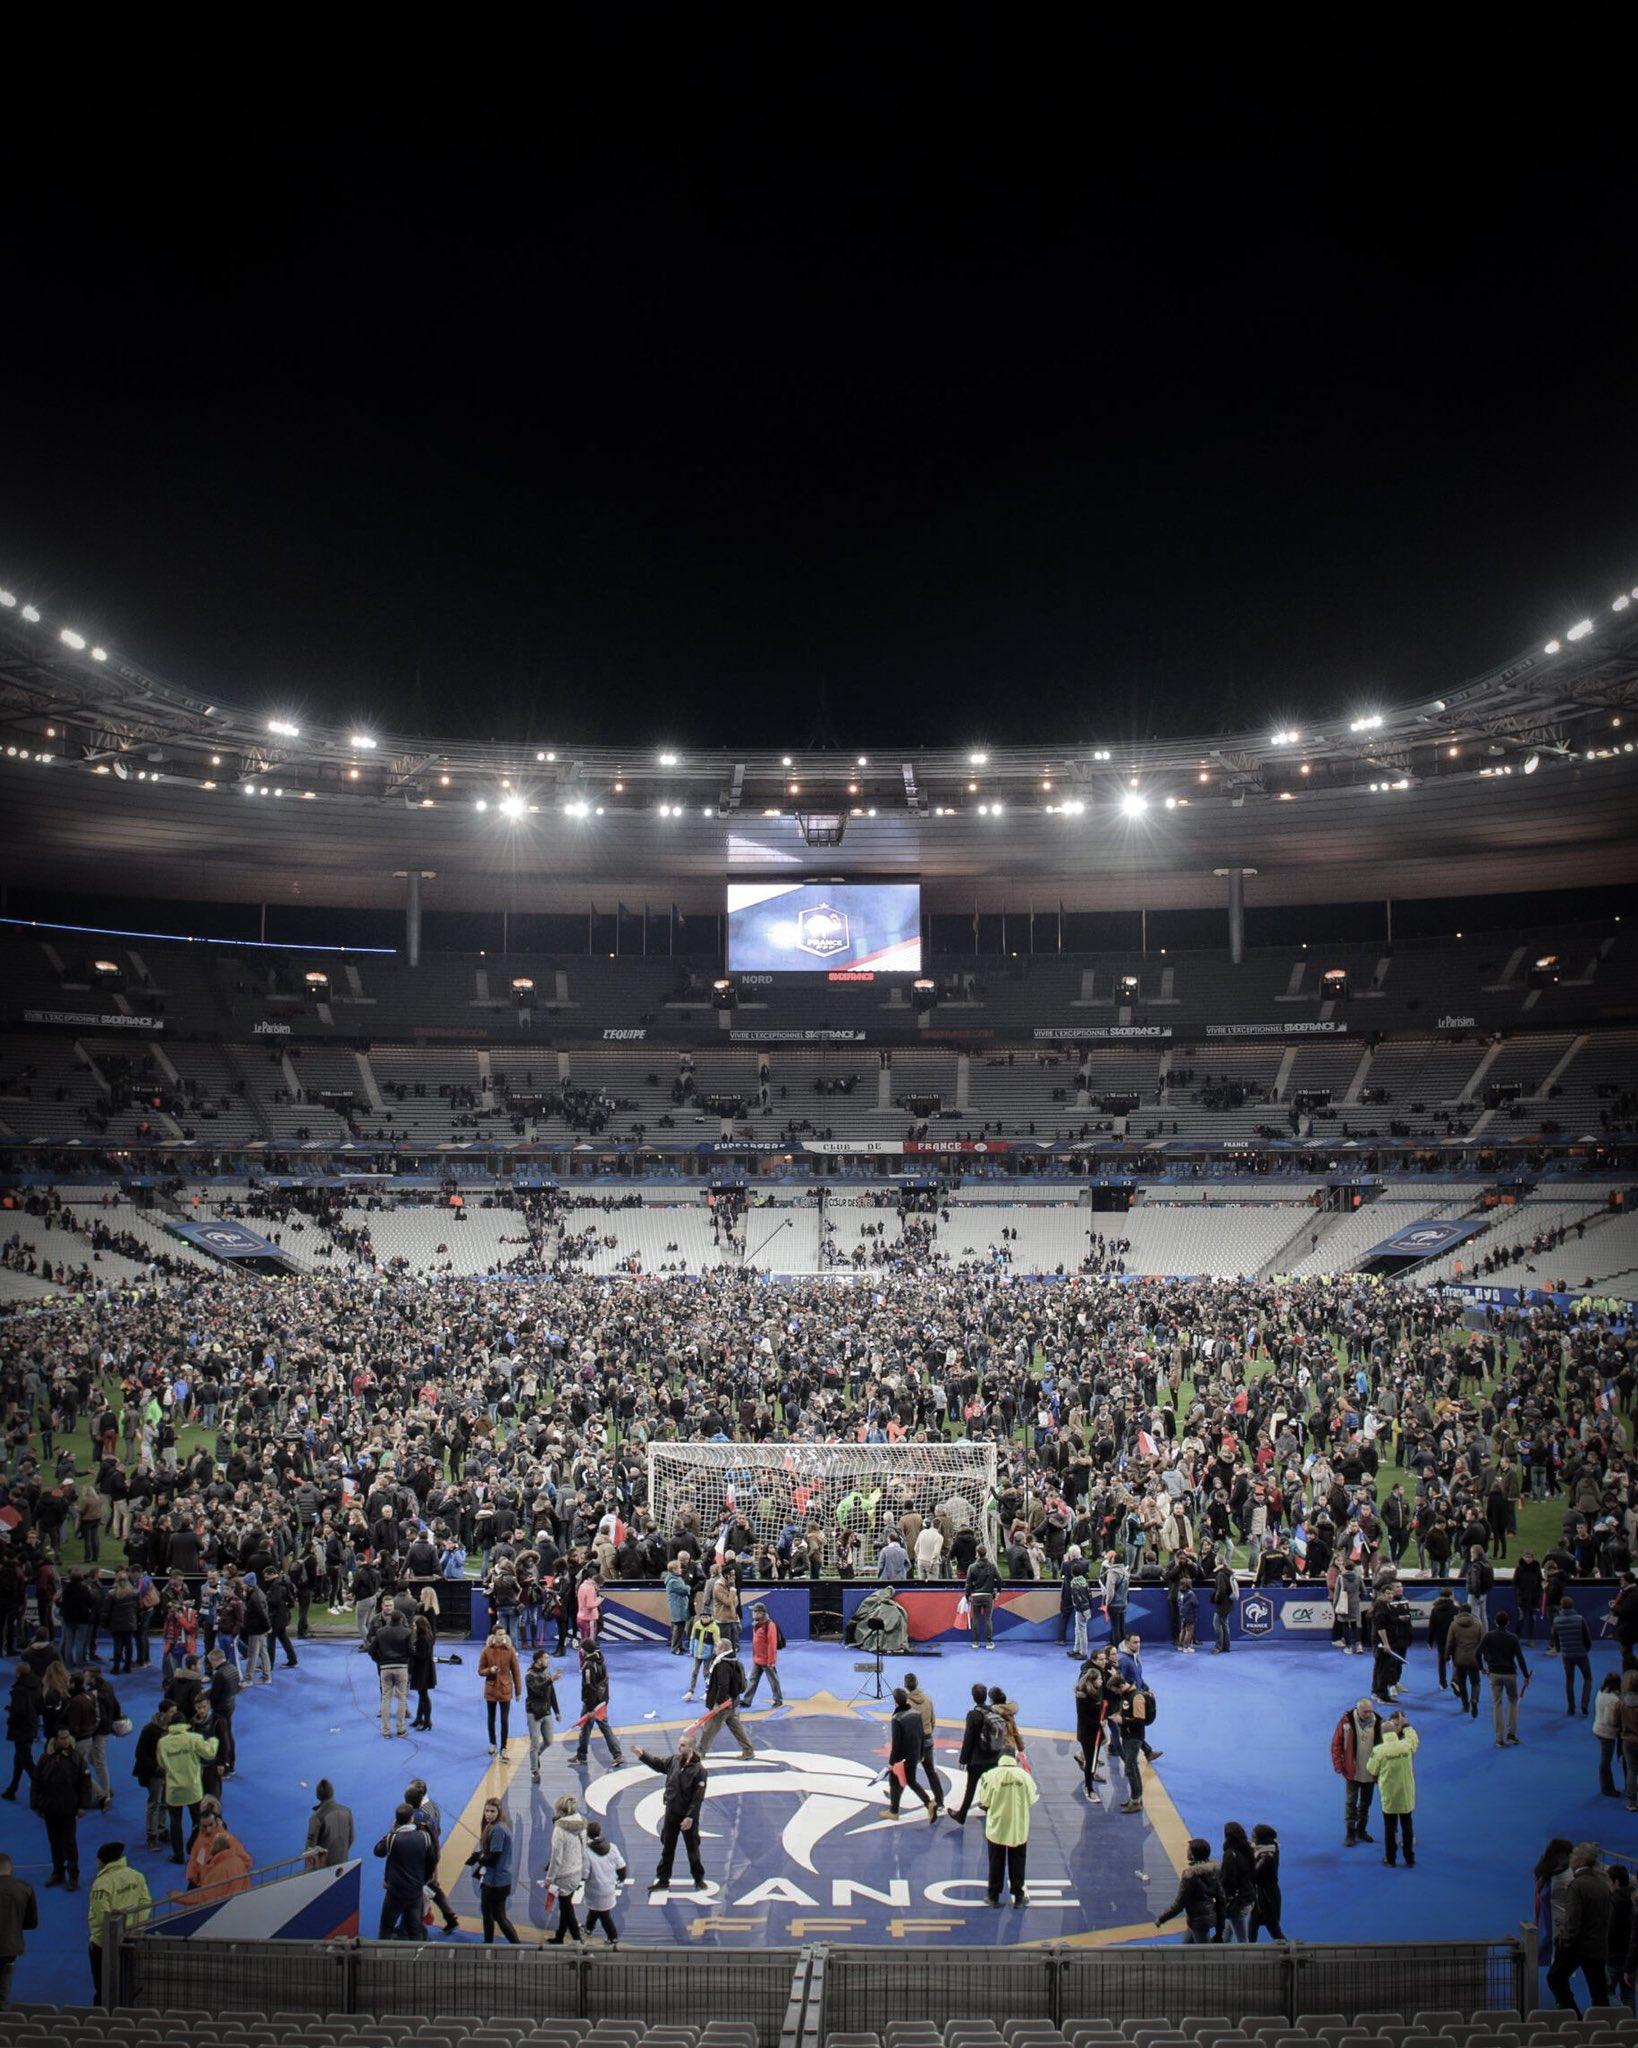 萨内发推纪念国家队首秀:心和巴黎恐袭的遇难者在一起-F1